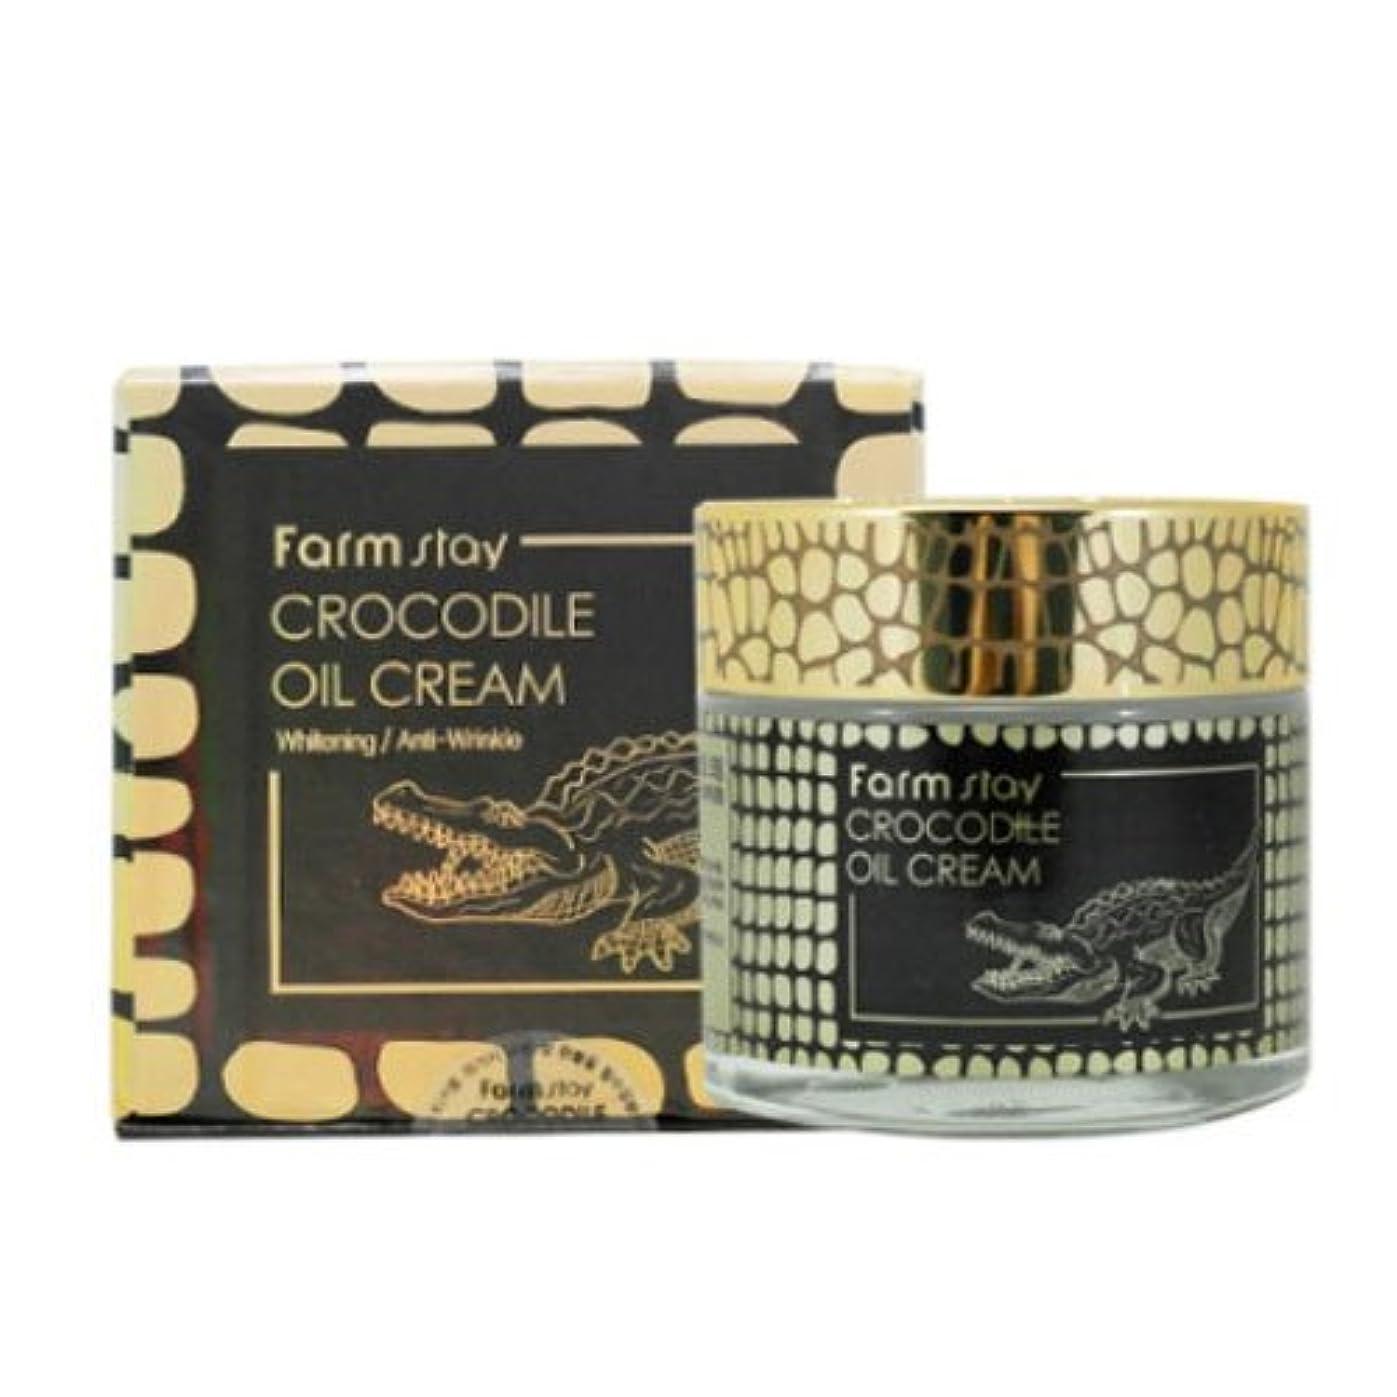 対立付けるスクラップファームステイ[韓国コスメFarm Stay]Crocodile Oil Cream ワニオイルクリーム70g しわ管理 美白[並行輸入品]